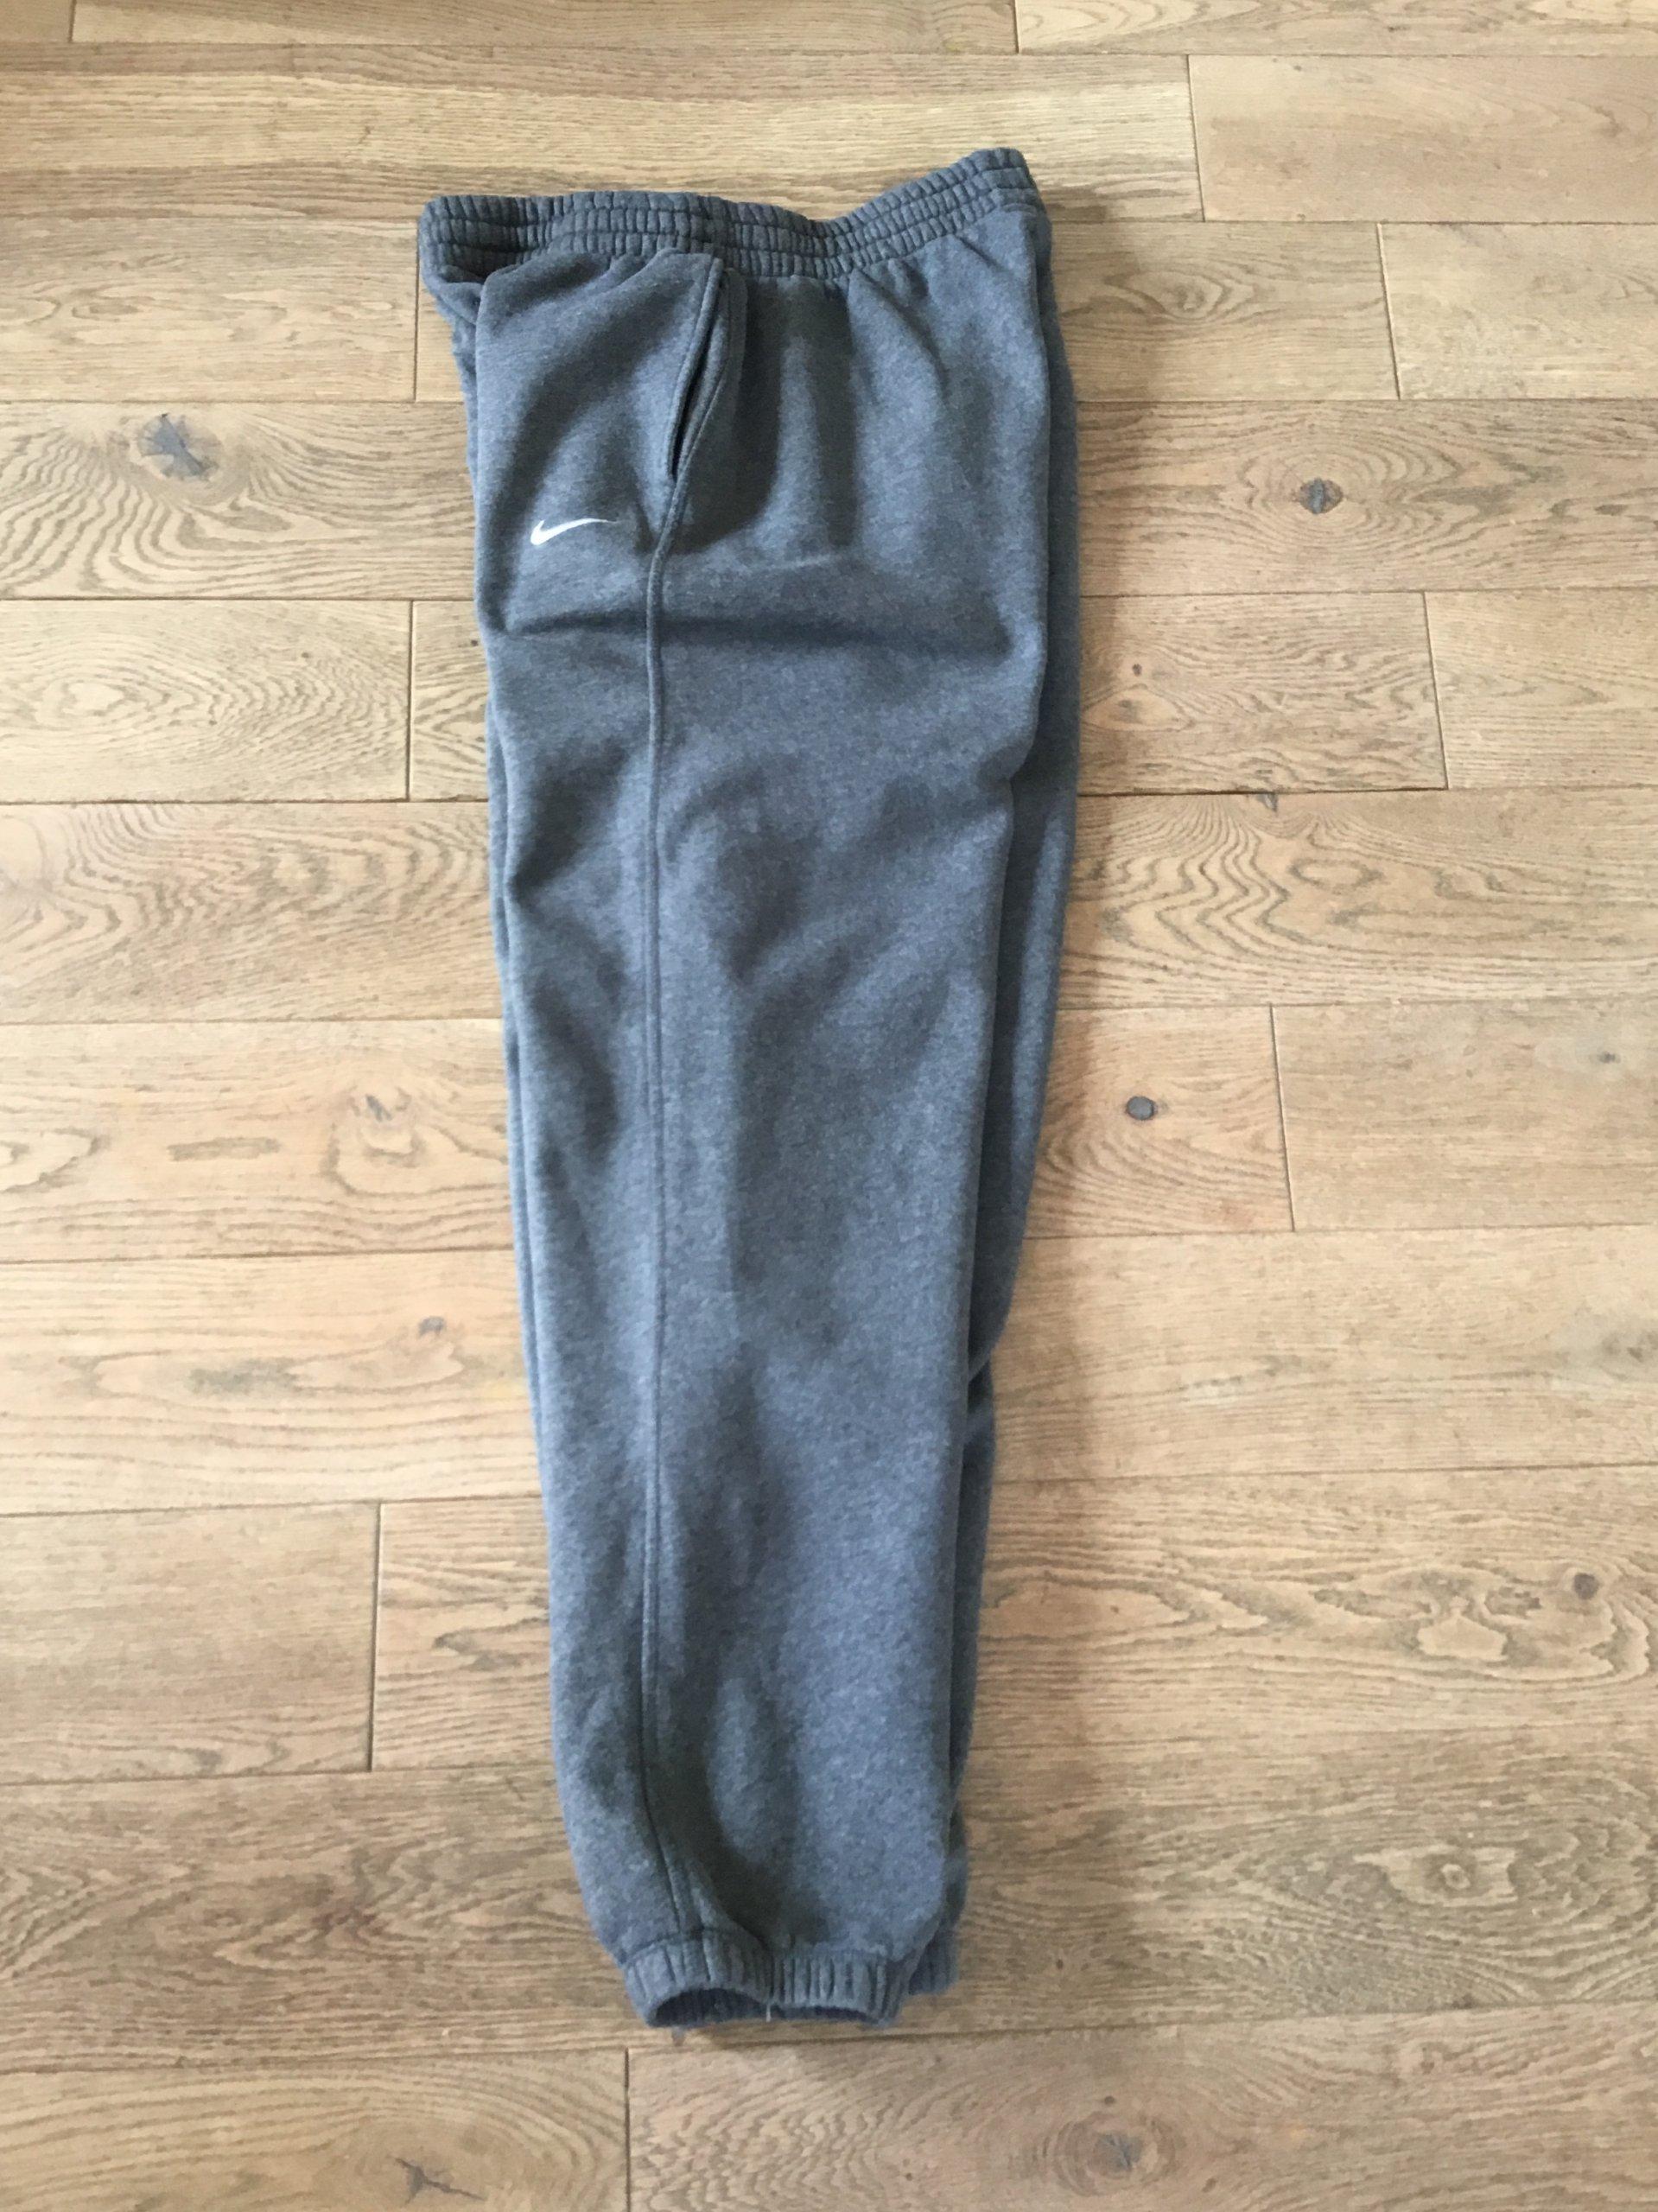 af84d49210db6 Dresowe Marki Spodnie Xl Oficjalne 7283905254 Szare Nike zRFCq